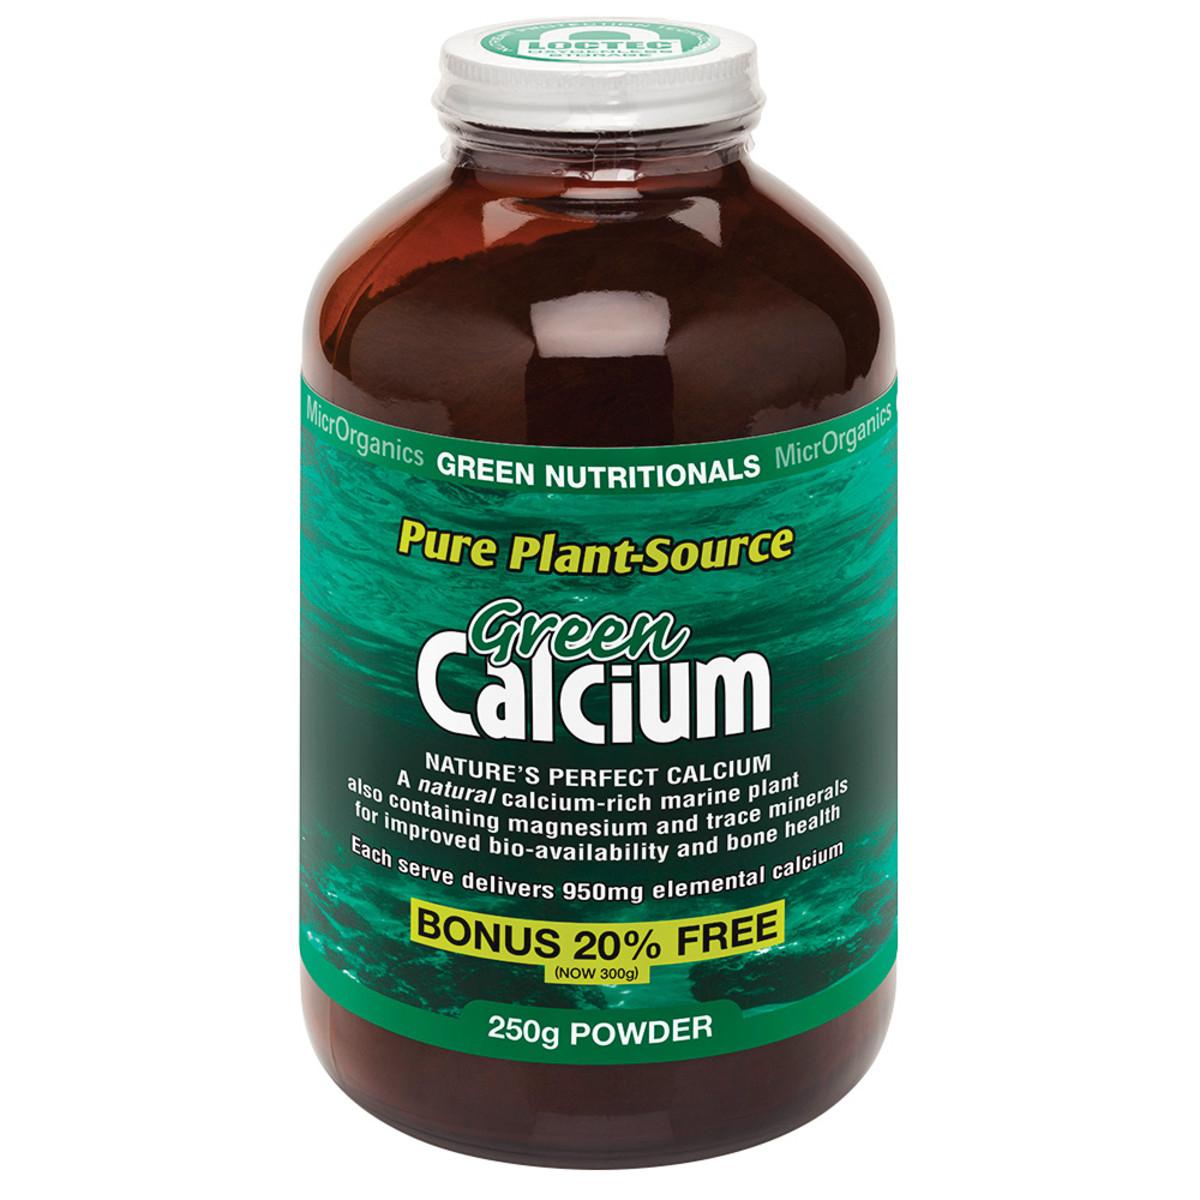 MICRORGANICS GREEN NUTRITIONALS GREEN CALCIUM 250G